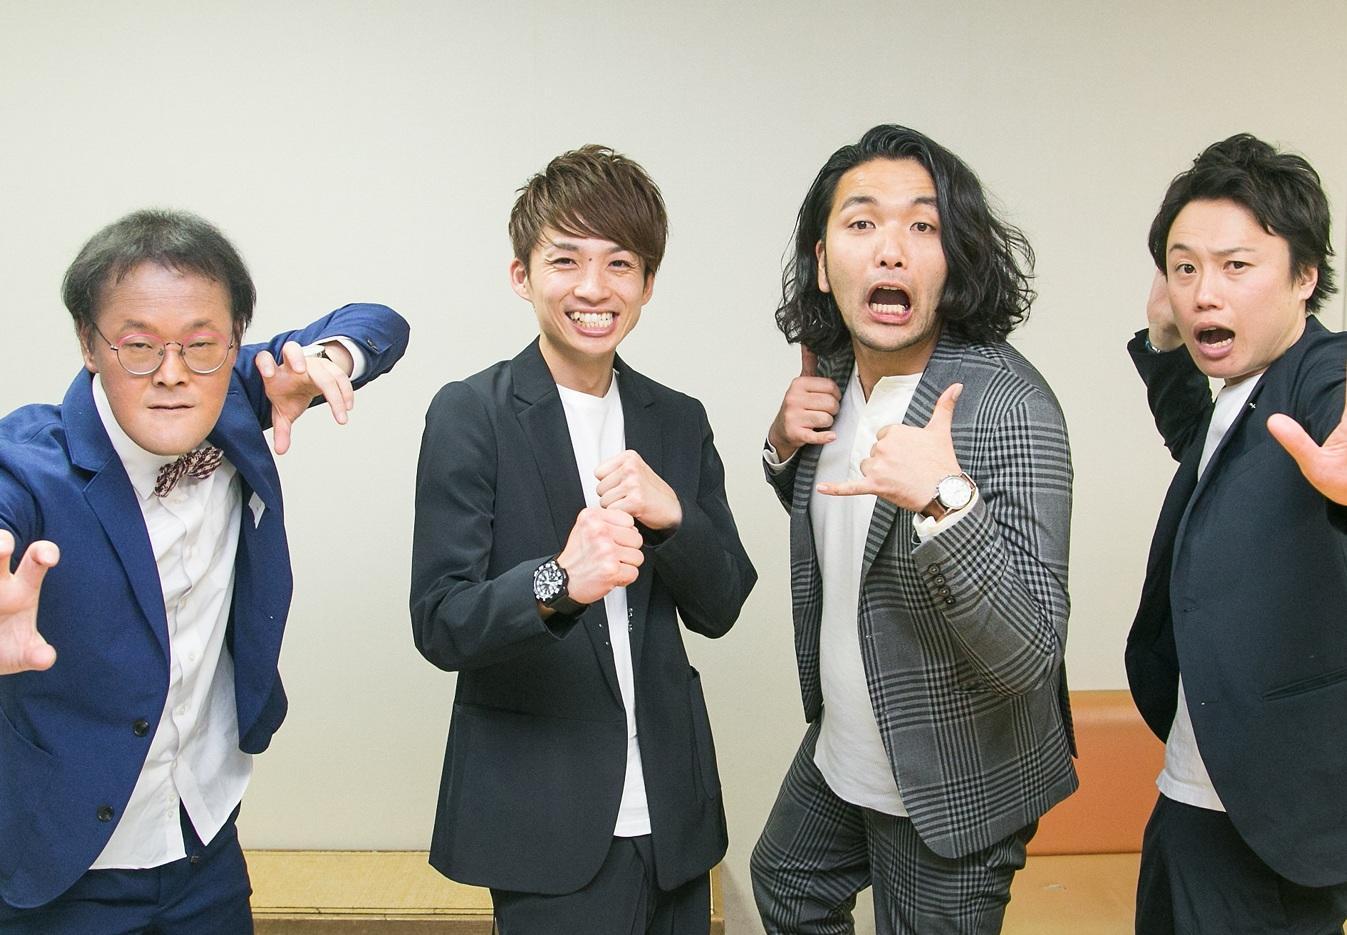 http://news.yoshimoto.co.jp/20181226115926-c5f1d7071382d329b517ce85caeaa480d39f5db3.jpg